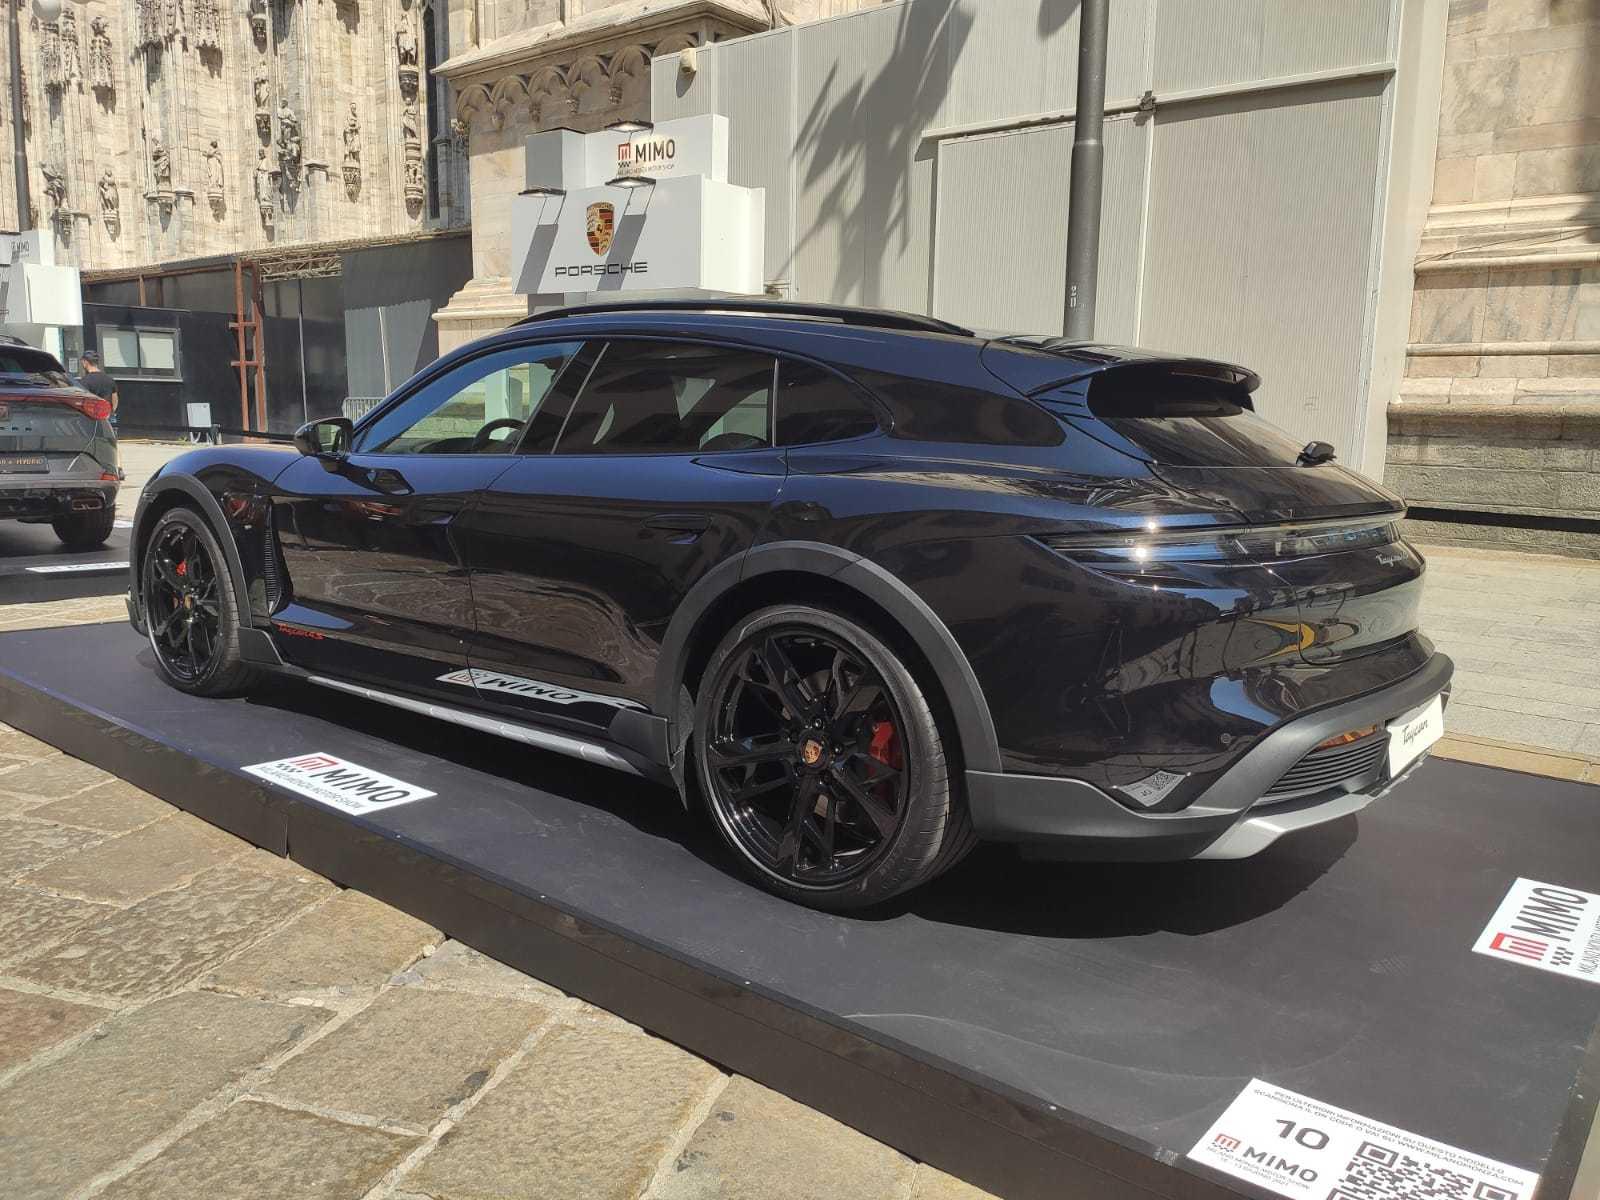 Porsche taycan 4S Sport Turismo - MiMo 2021